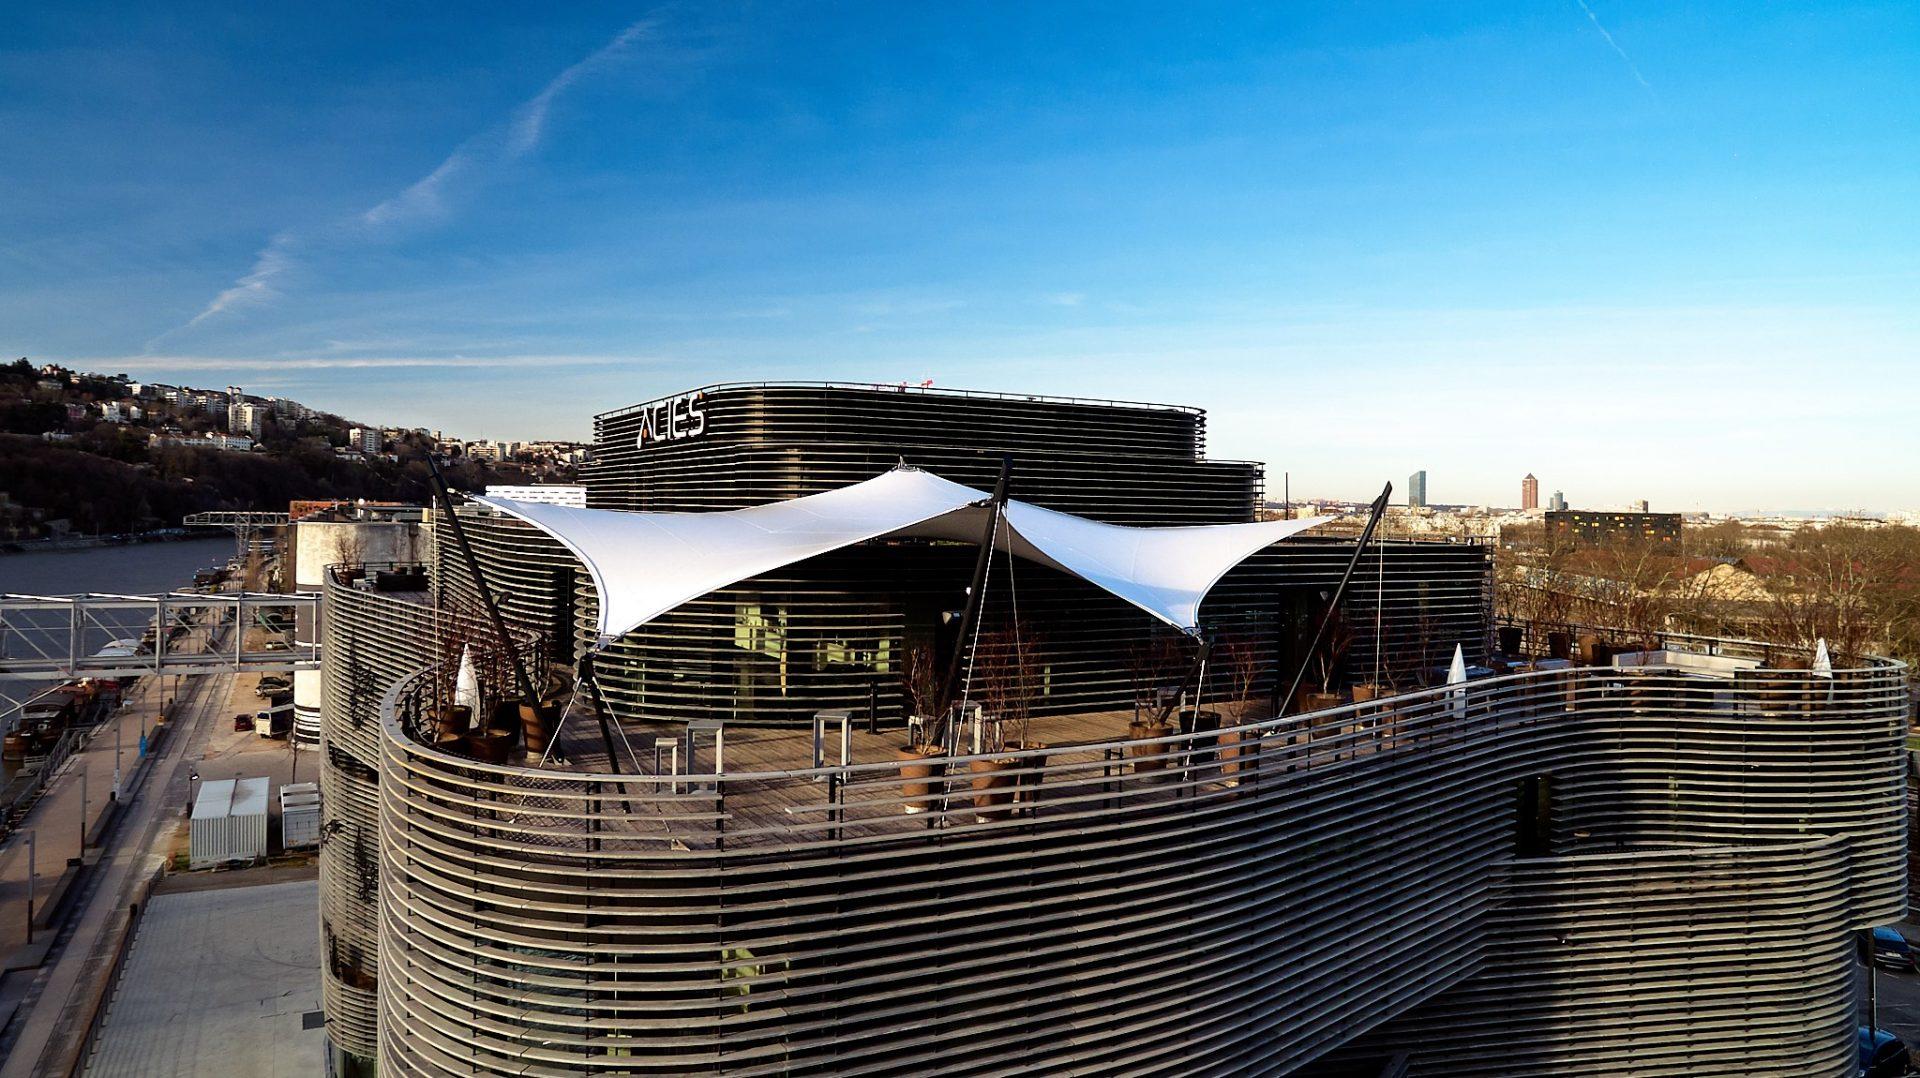 Vue de face du Rooftop52 - terrasse couverte par voile d'ombrage 6 points